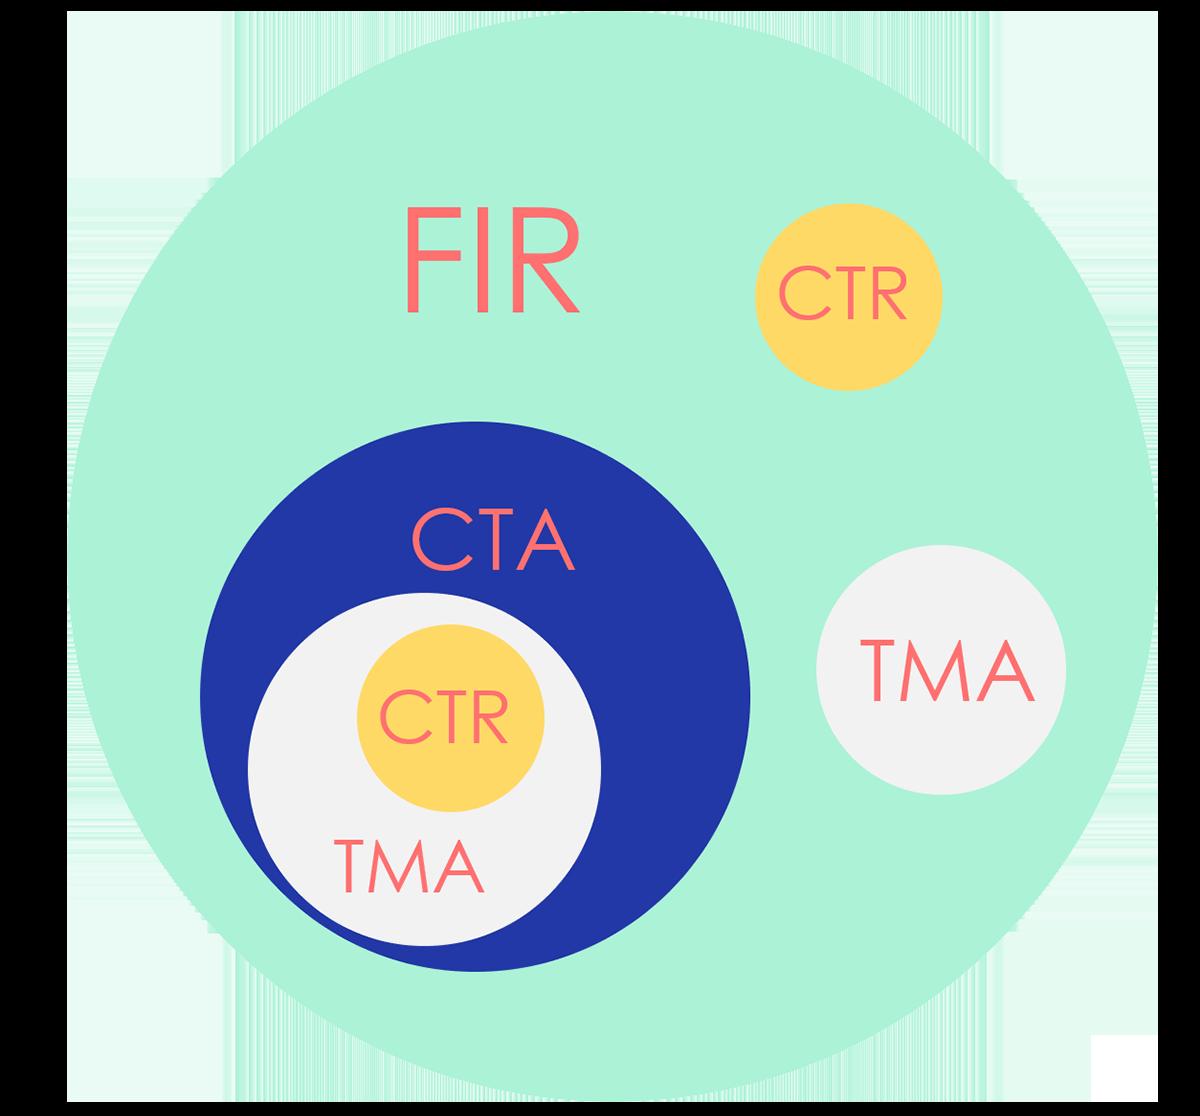 Příklad schématického členění prostorů. CTR se může nacházet jak samostatně ve FIR, tak i v nebo pod CTA. Zároveň může být obklopeno prostorem TMA, který také může stát samostatně nebo uvnitř řízené oblasti CTA. Řízené oblasti CTA a TMA však musí být alespoň 200m (700ft) nad zemí nebo vodou, kdežto CTR musí začínat od země.